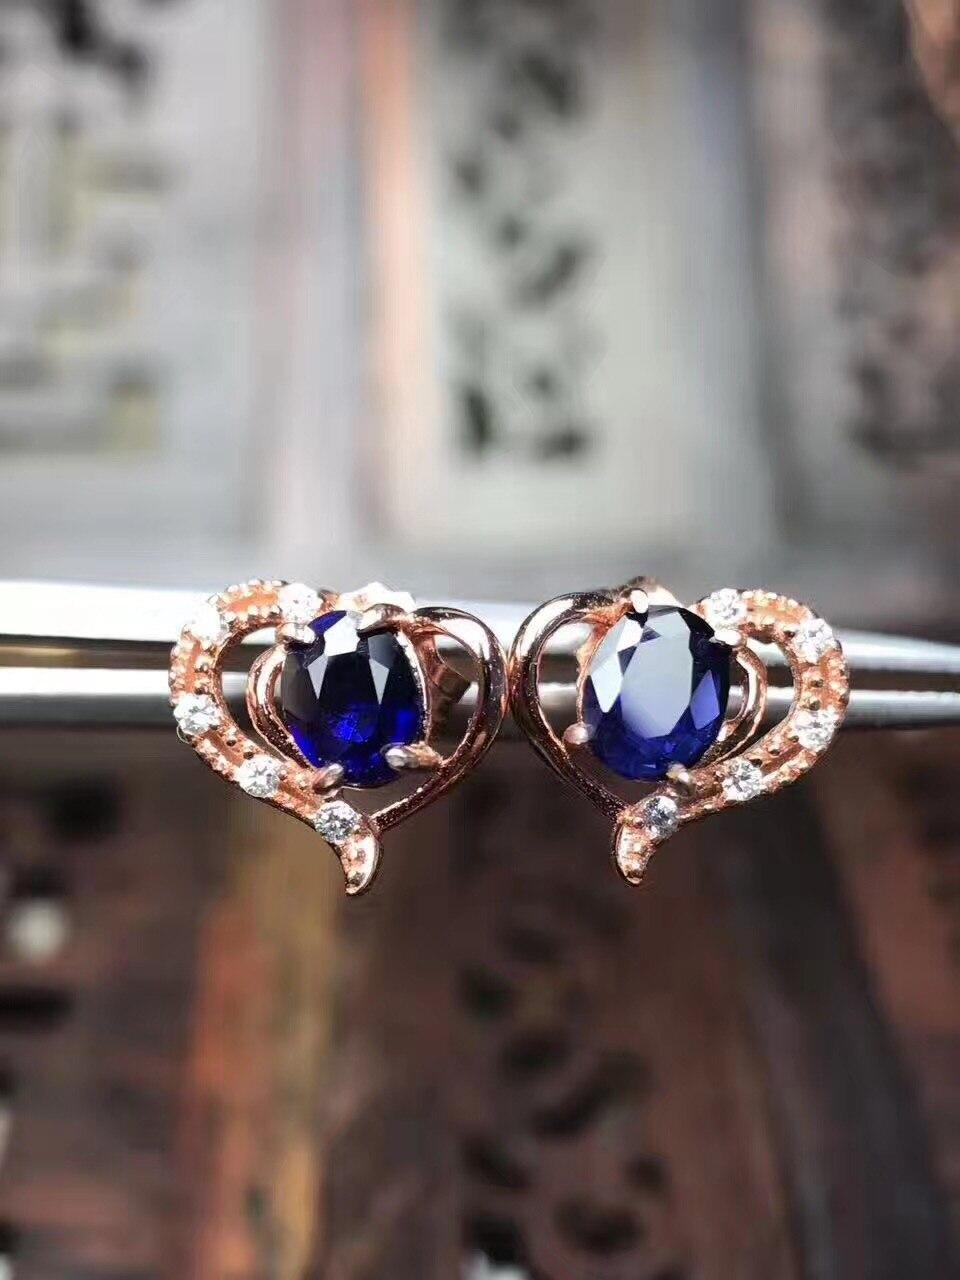 Sapphire stud oorbel Voor mannen of vrouwen Natuurlijke echte saffier 925 sterling zilver 4*5mm 2 stks edelsteen - 4